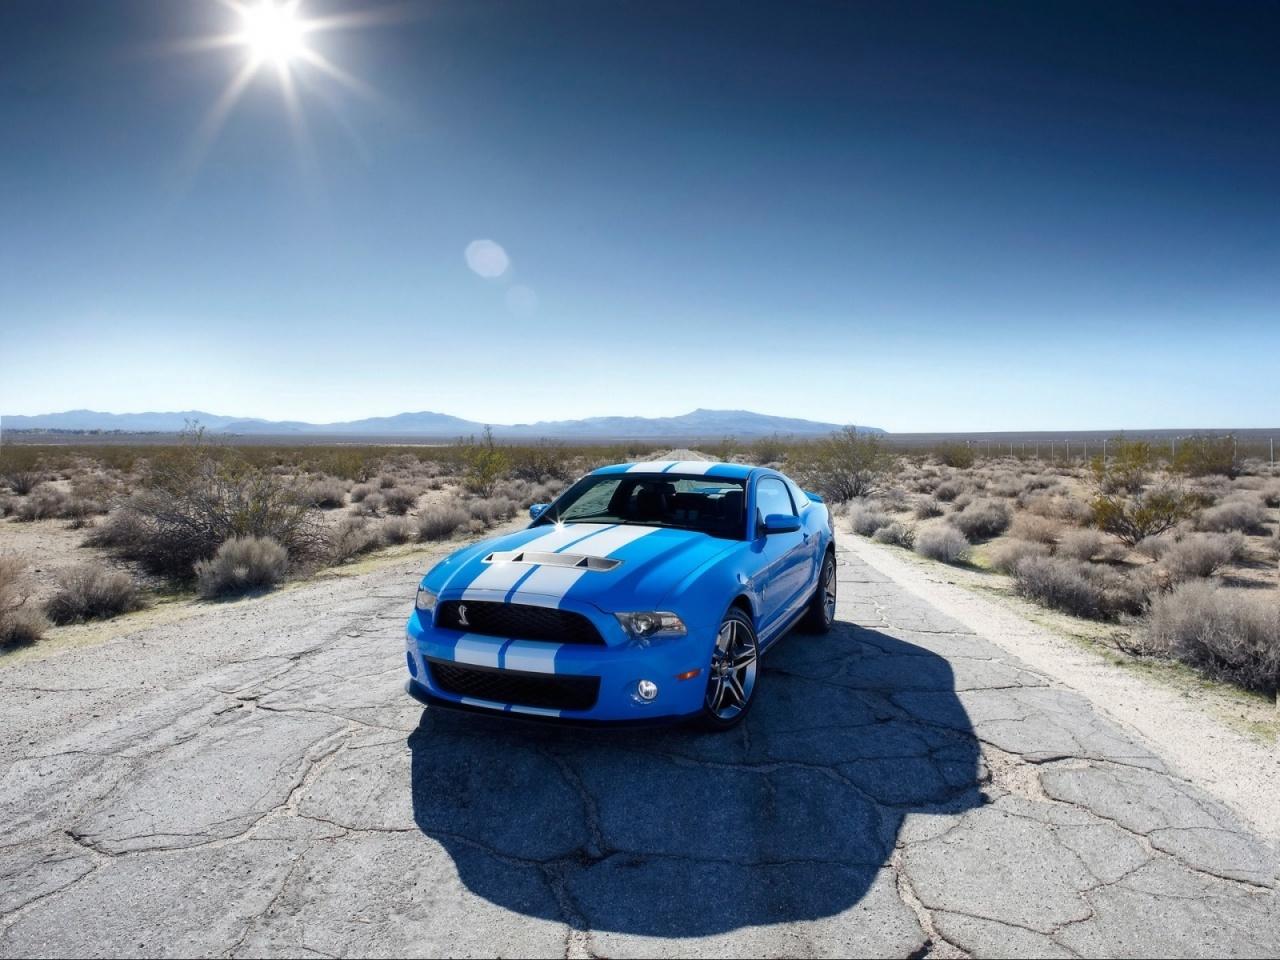 4727 Hintergrundbild herunterladen Auto, Transport, Sun, Ford - Bildschirmschoner und Bilder kostenlos